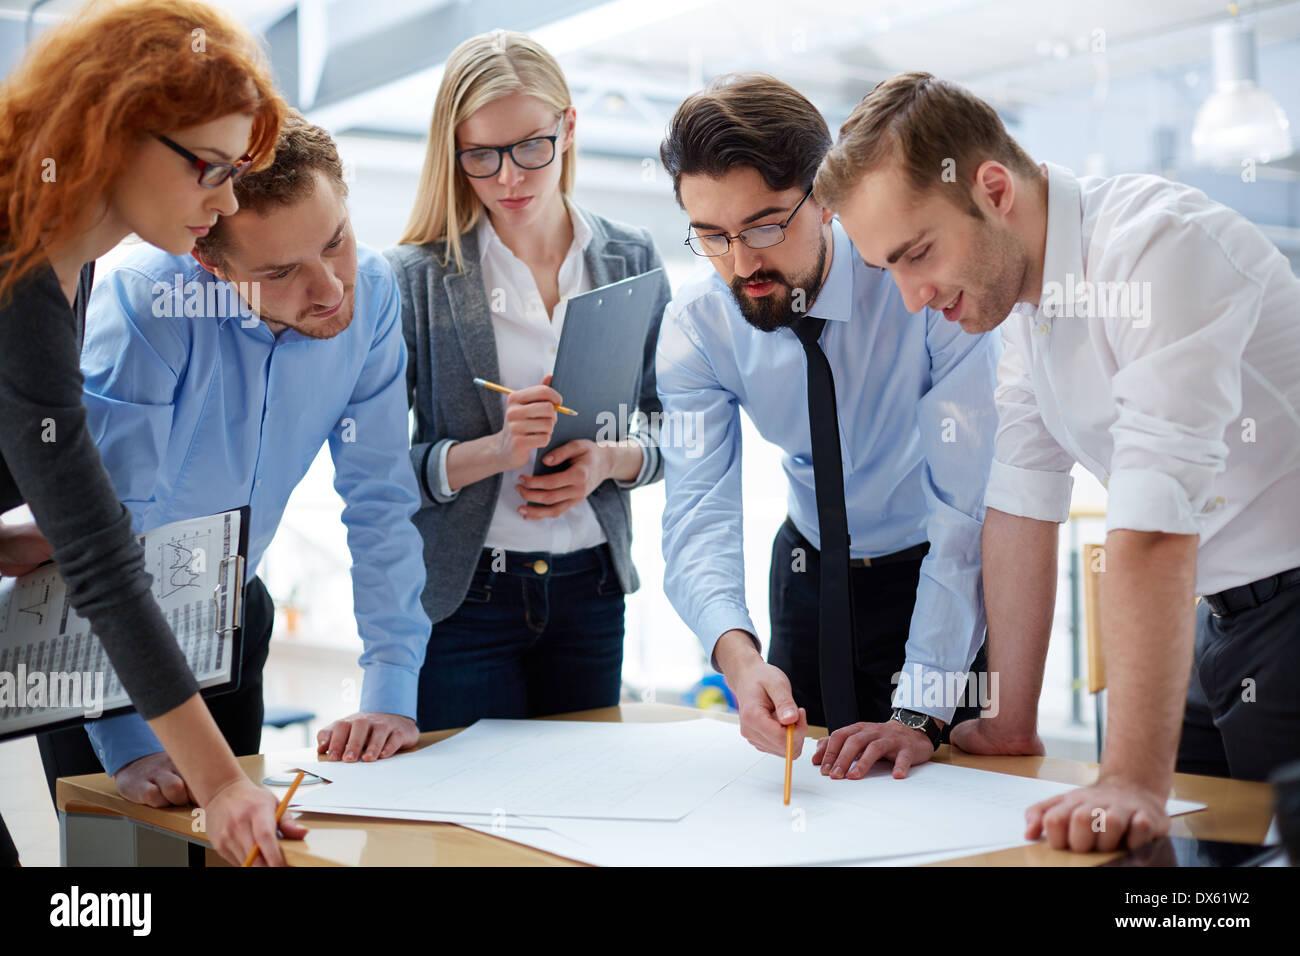 Equipo comercial desarrollo de plan juntos en la oficina Imagen De Stock